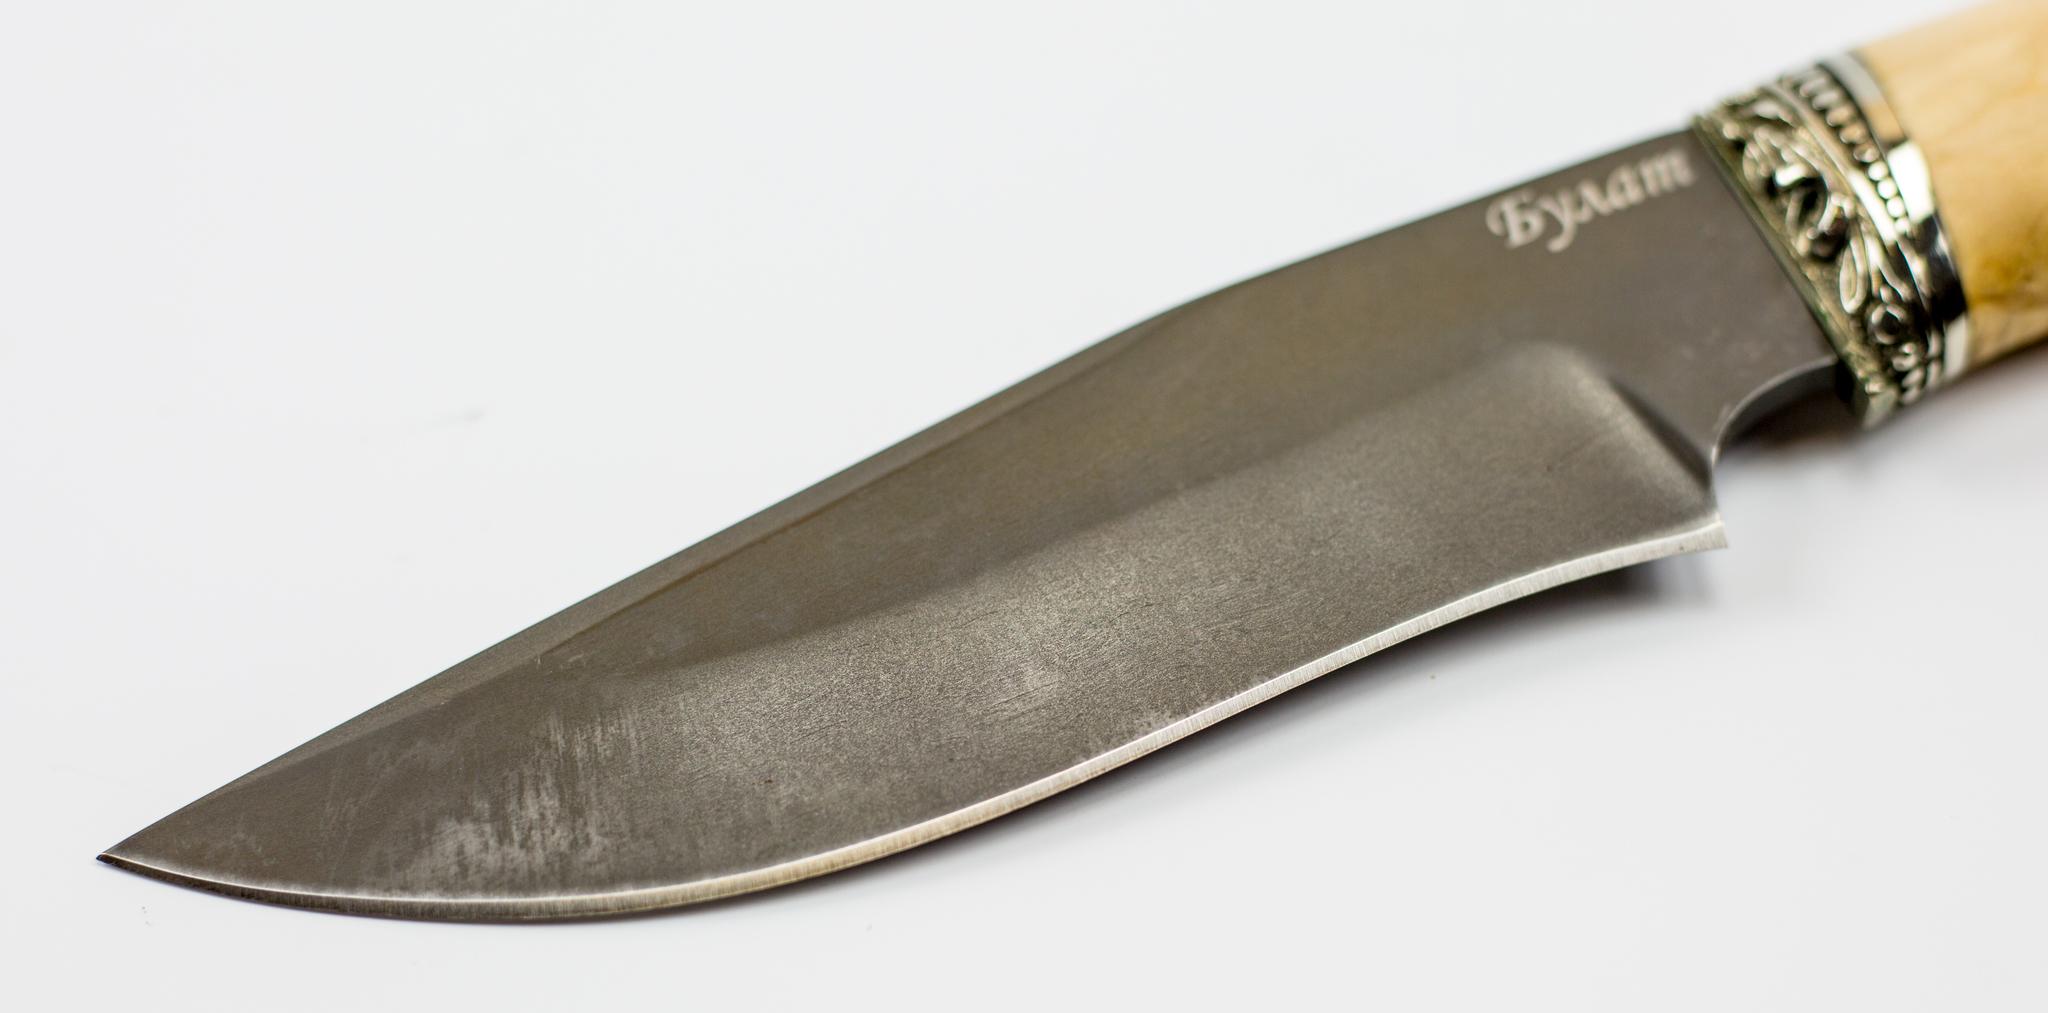 Фото 6 - Нож Универсальный, сталь булат, карельская береза от Промтехснаб